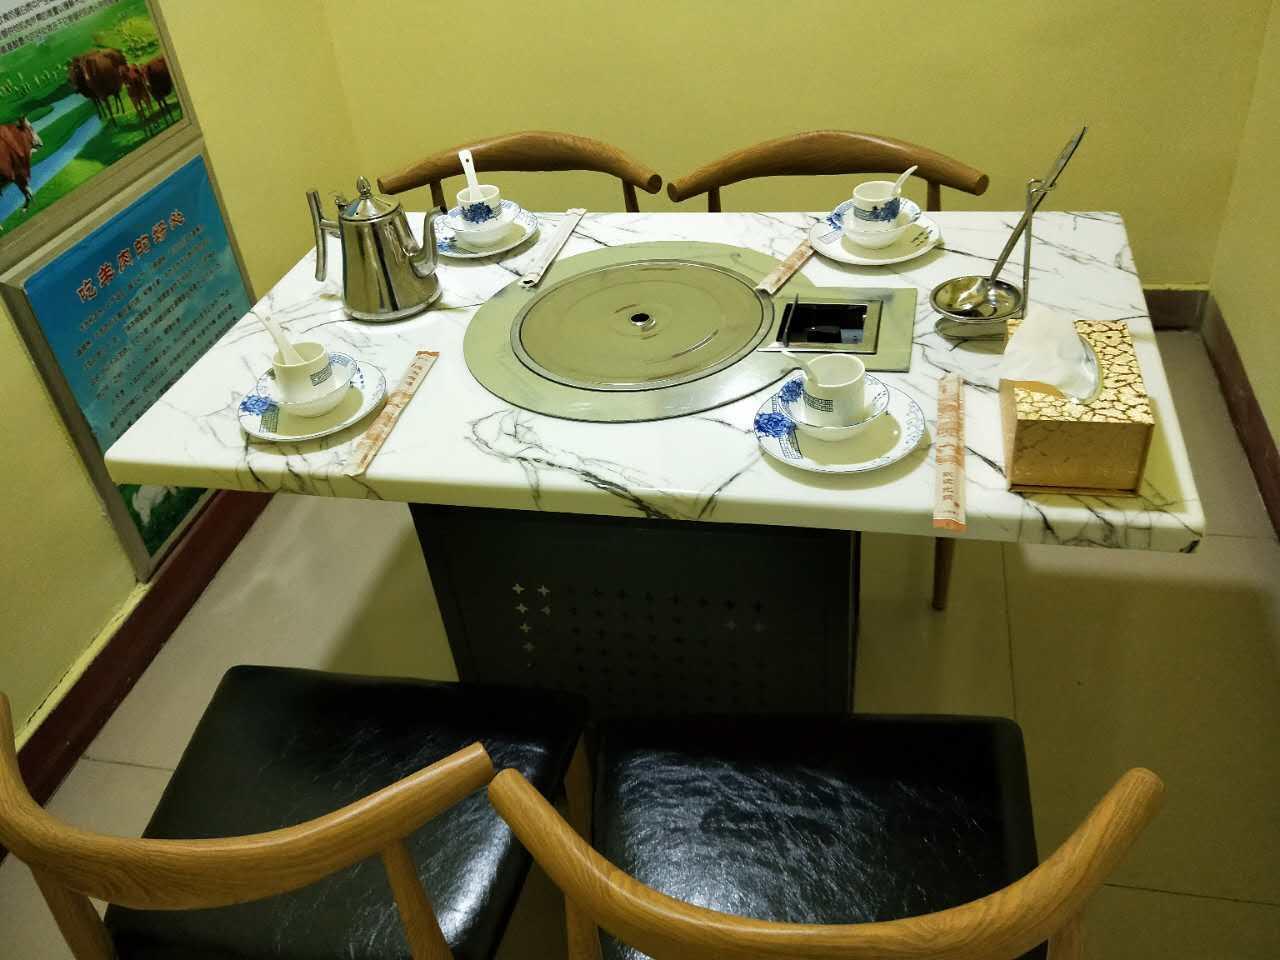 火锅桌椅高档理石火锅桌隐形电磁炉玻璃面无烟设备 2